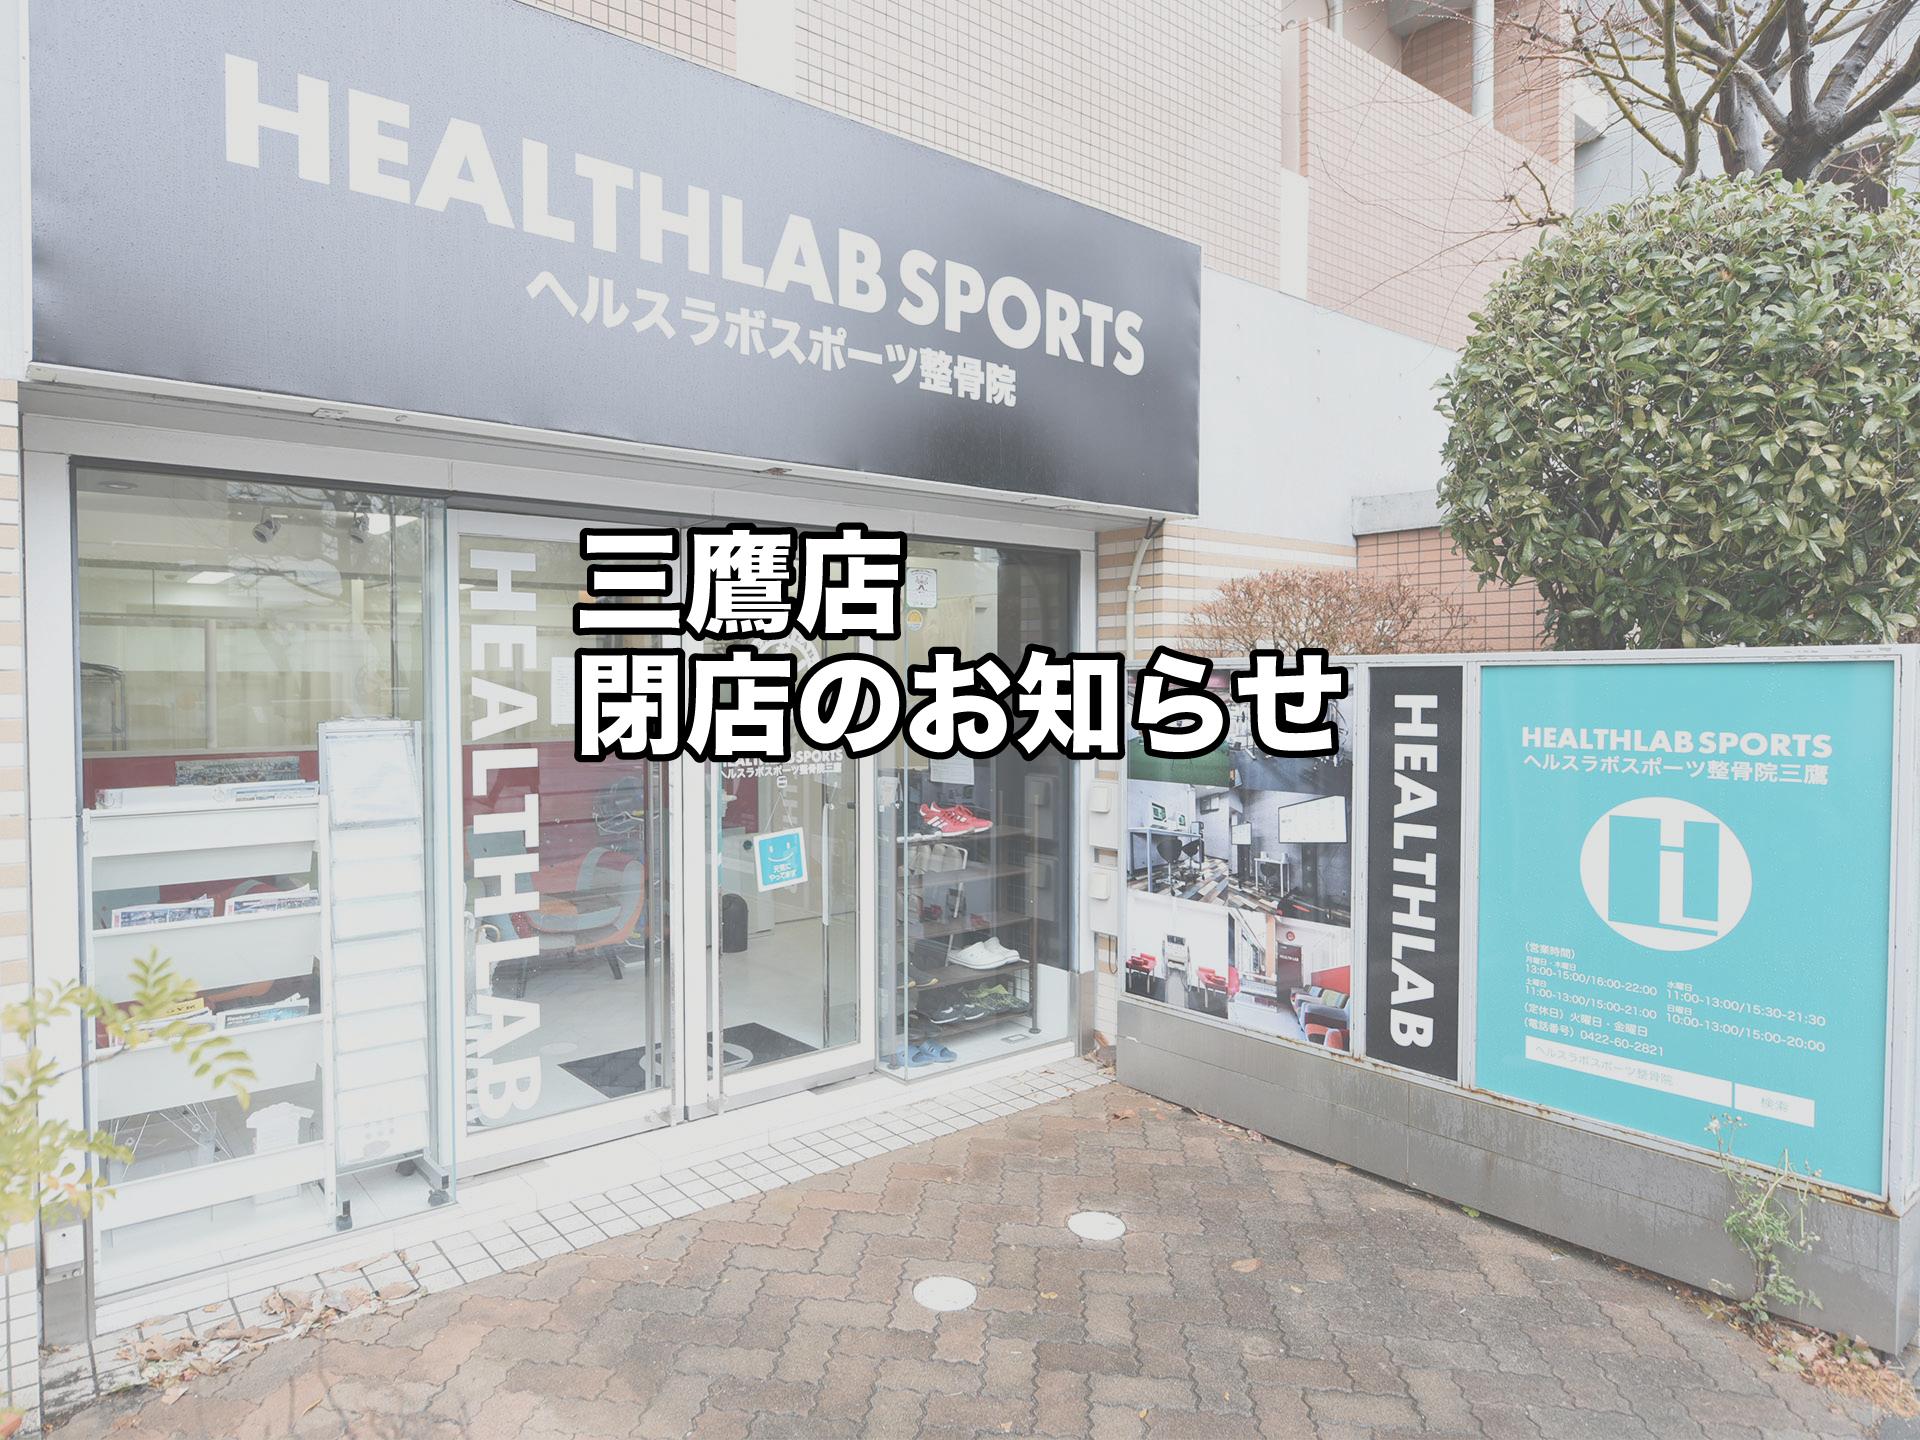 三鷹店、2020年4月26日(日)閉店のお知らせ